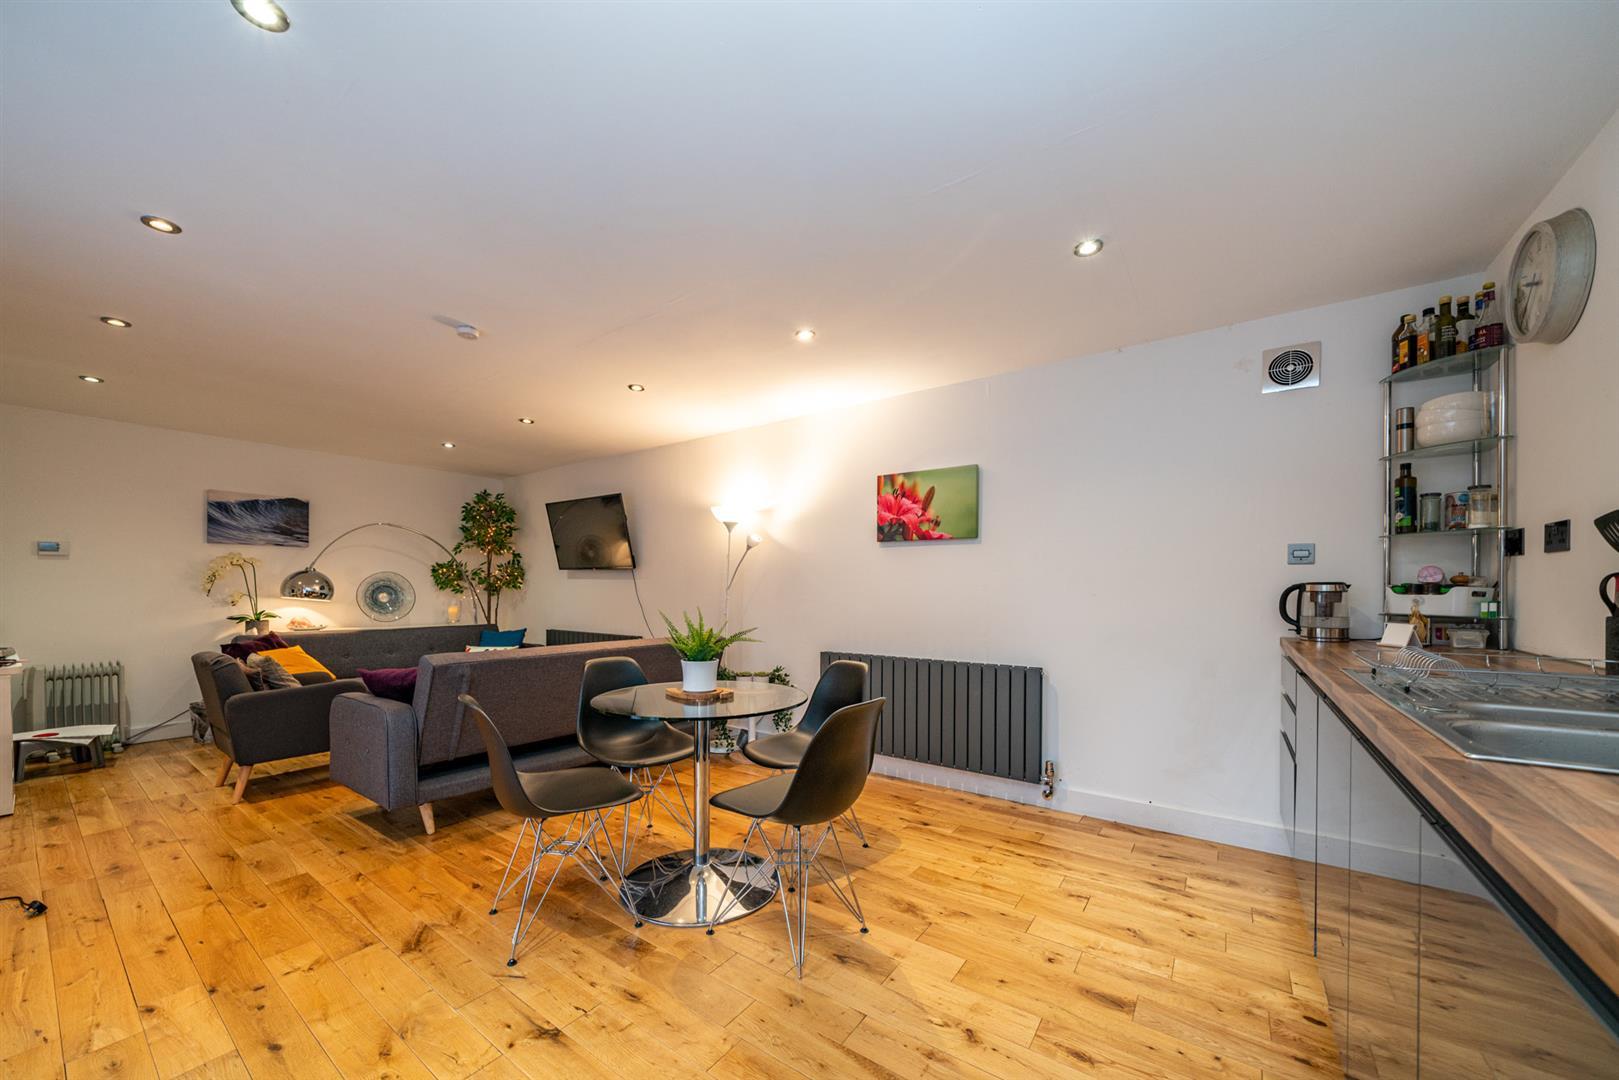 15-Hedgeside-6045 - guest outbuilding kitchen livi